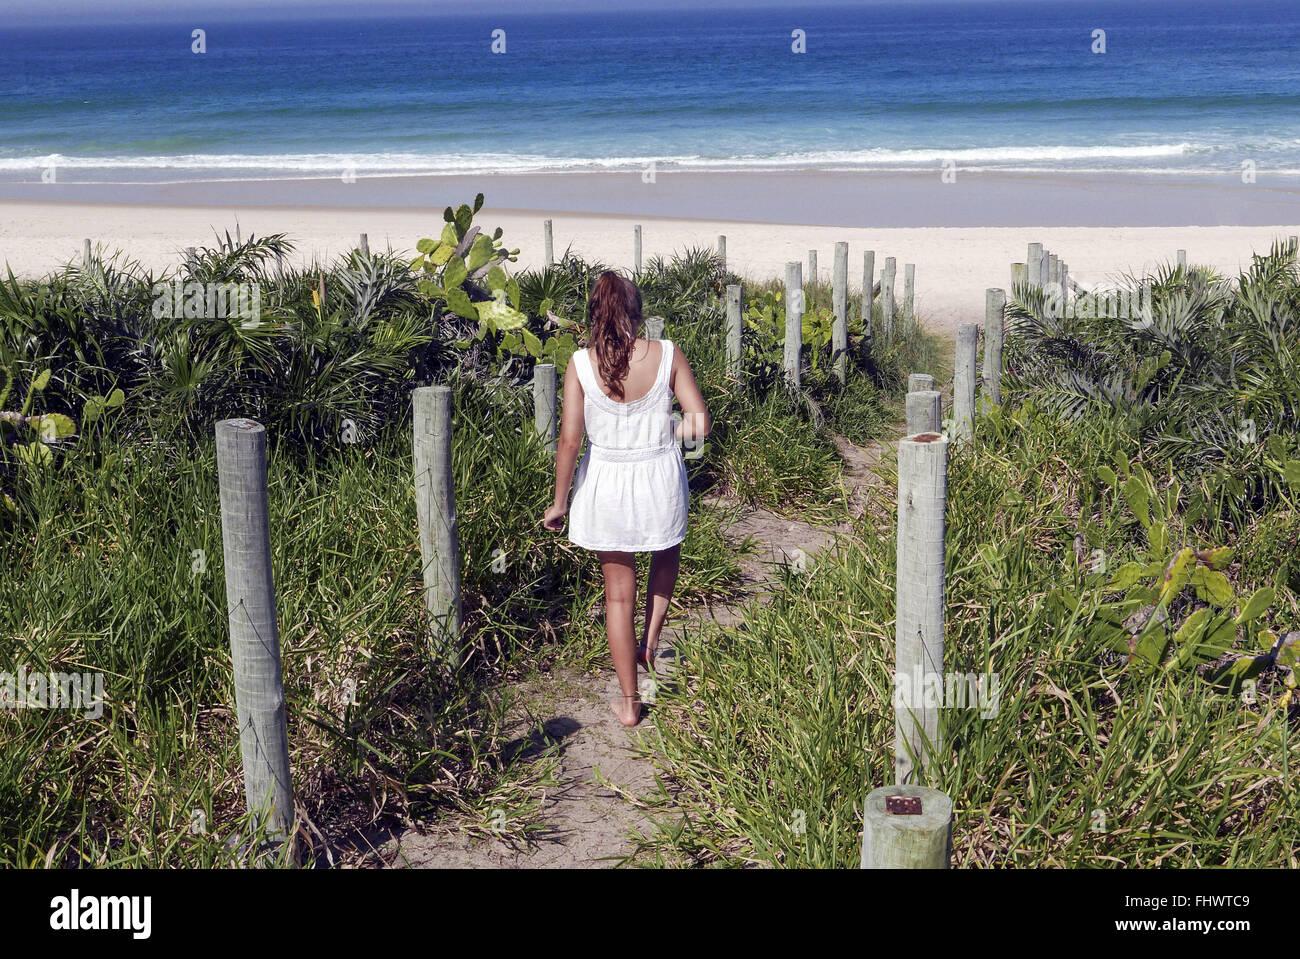 Adolescente caminha pela trilha meio un vegetação de restinga na Praia da Reserva - Barra da Tijuca Immagini Stock